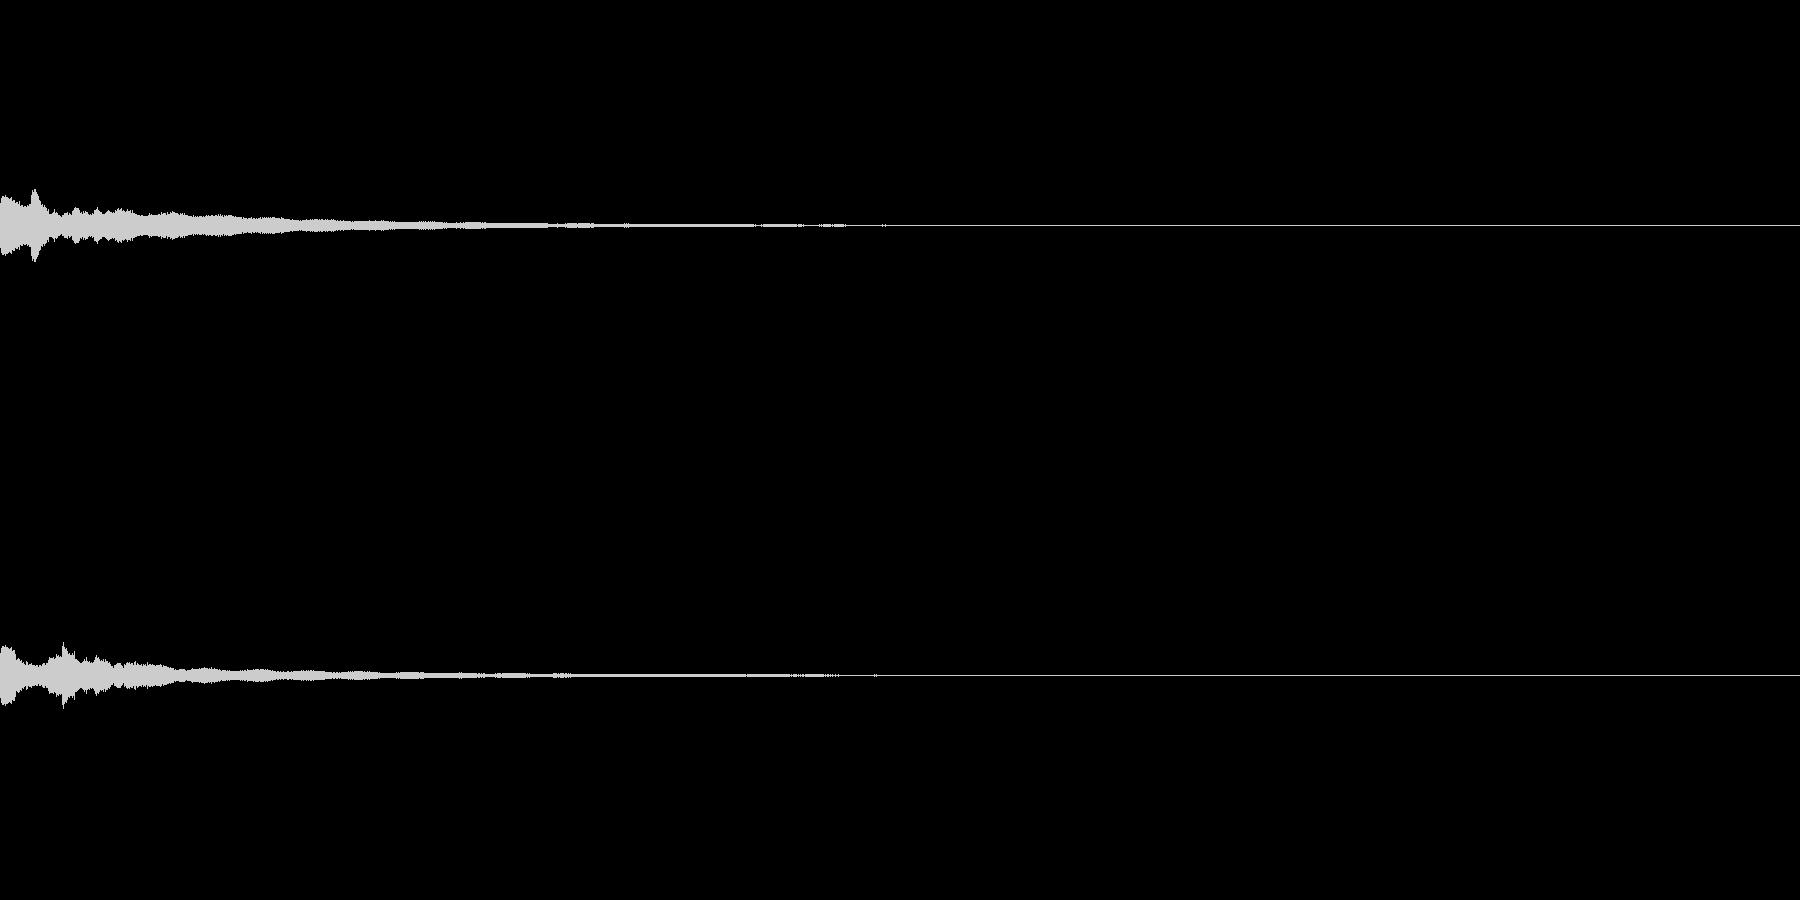 チリーン(鈴・鐘の鳴る音)の未再生の波形